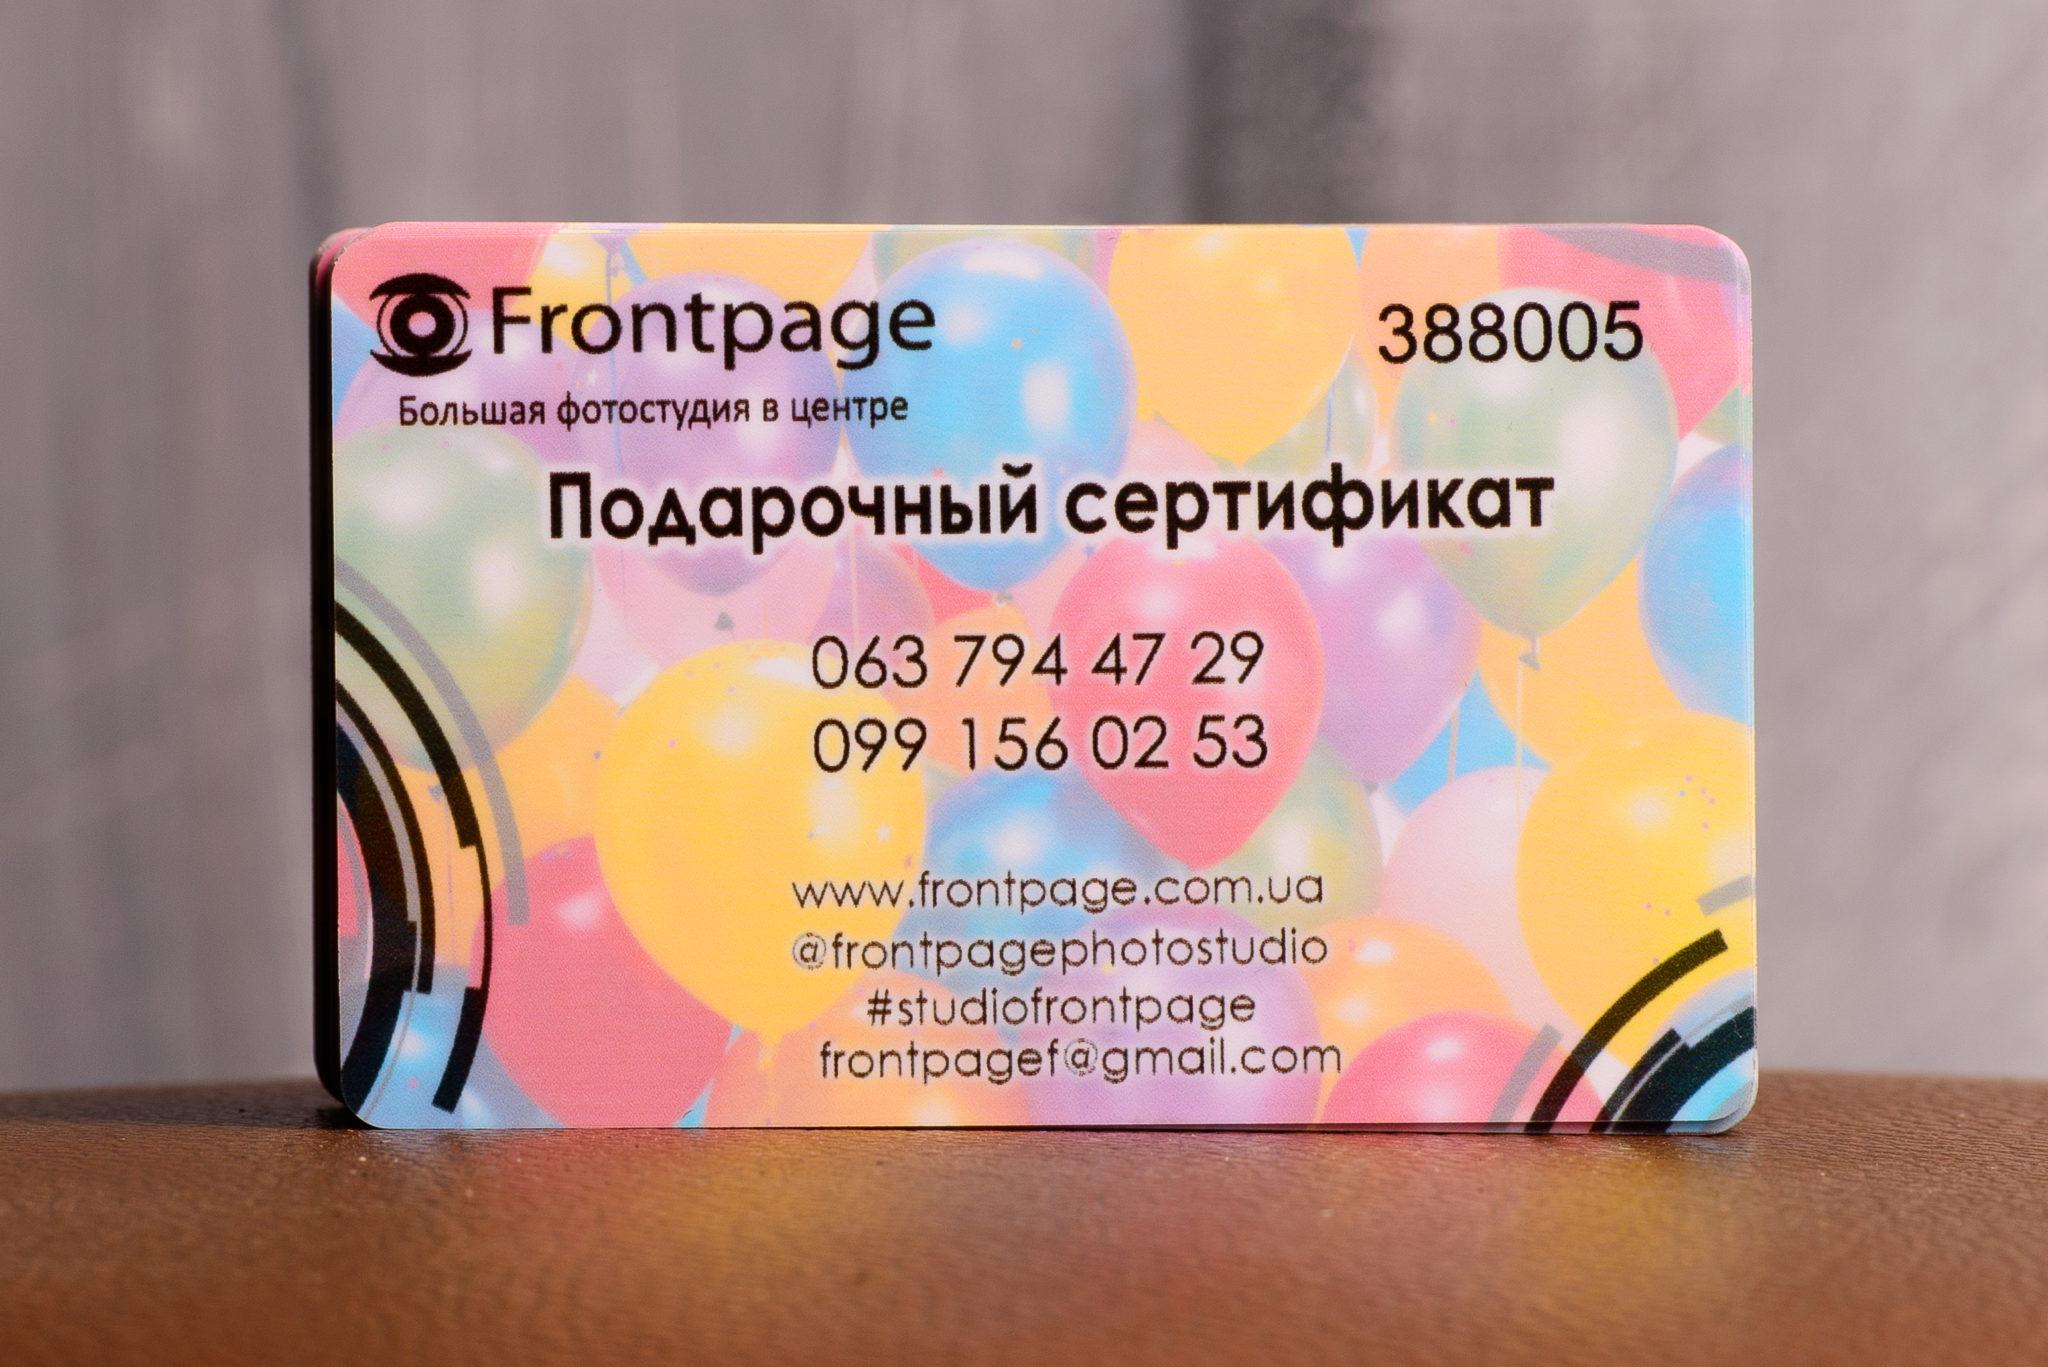 Подарочный сертификат фотостудии Frontpage